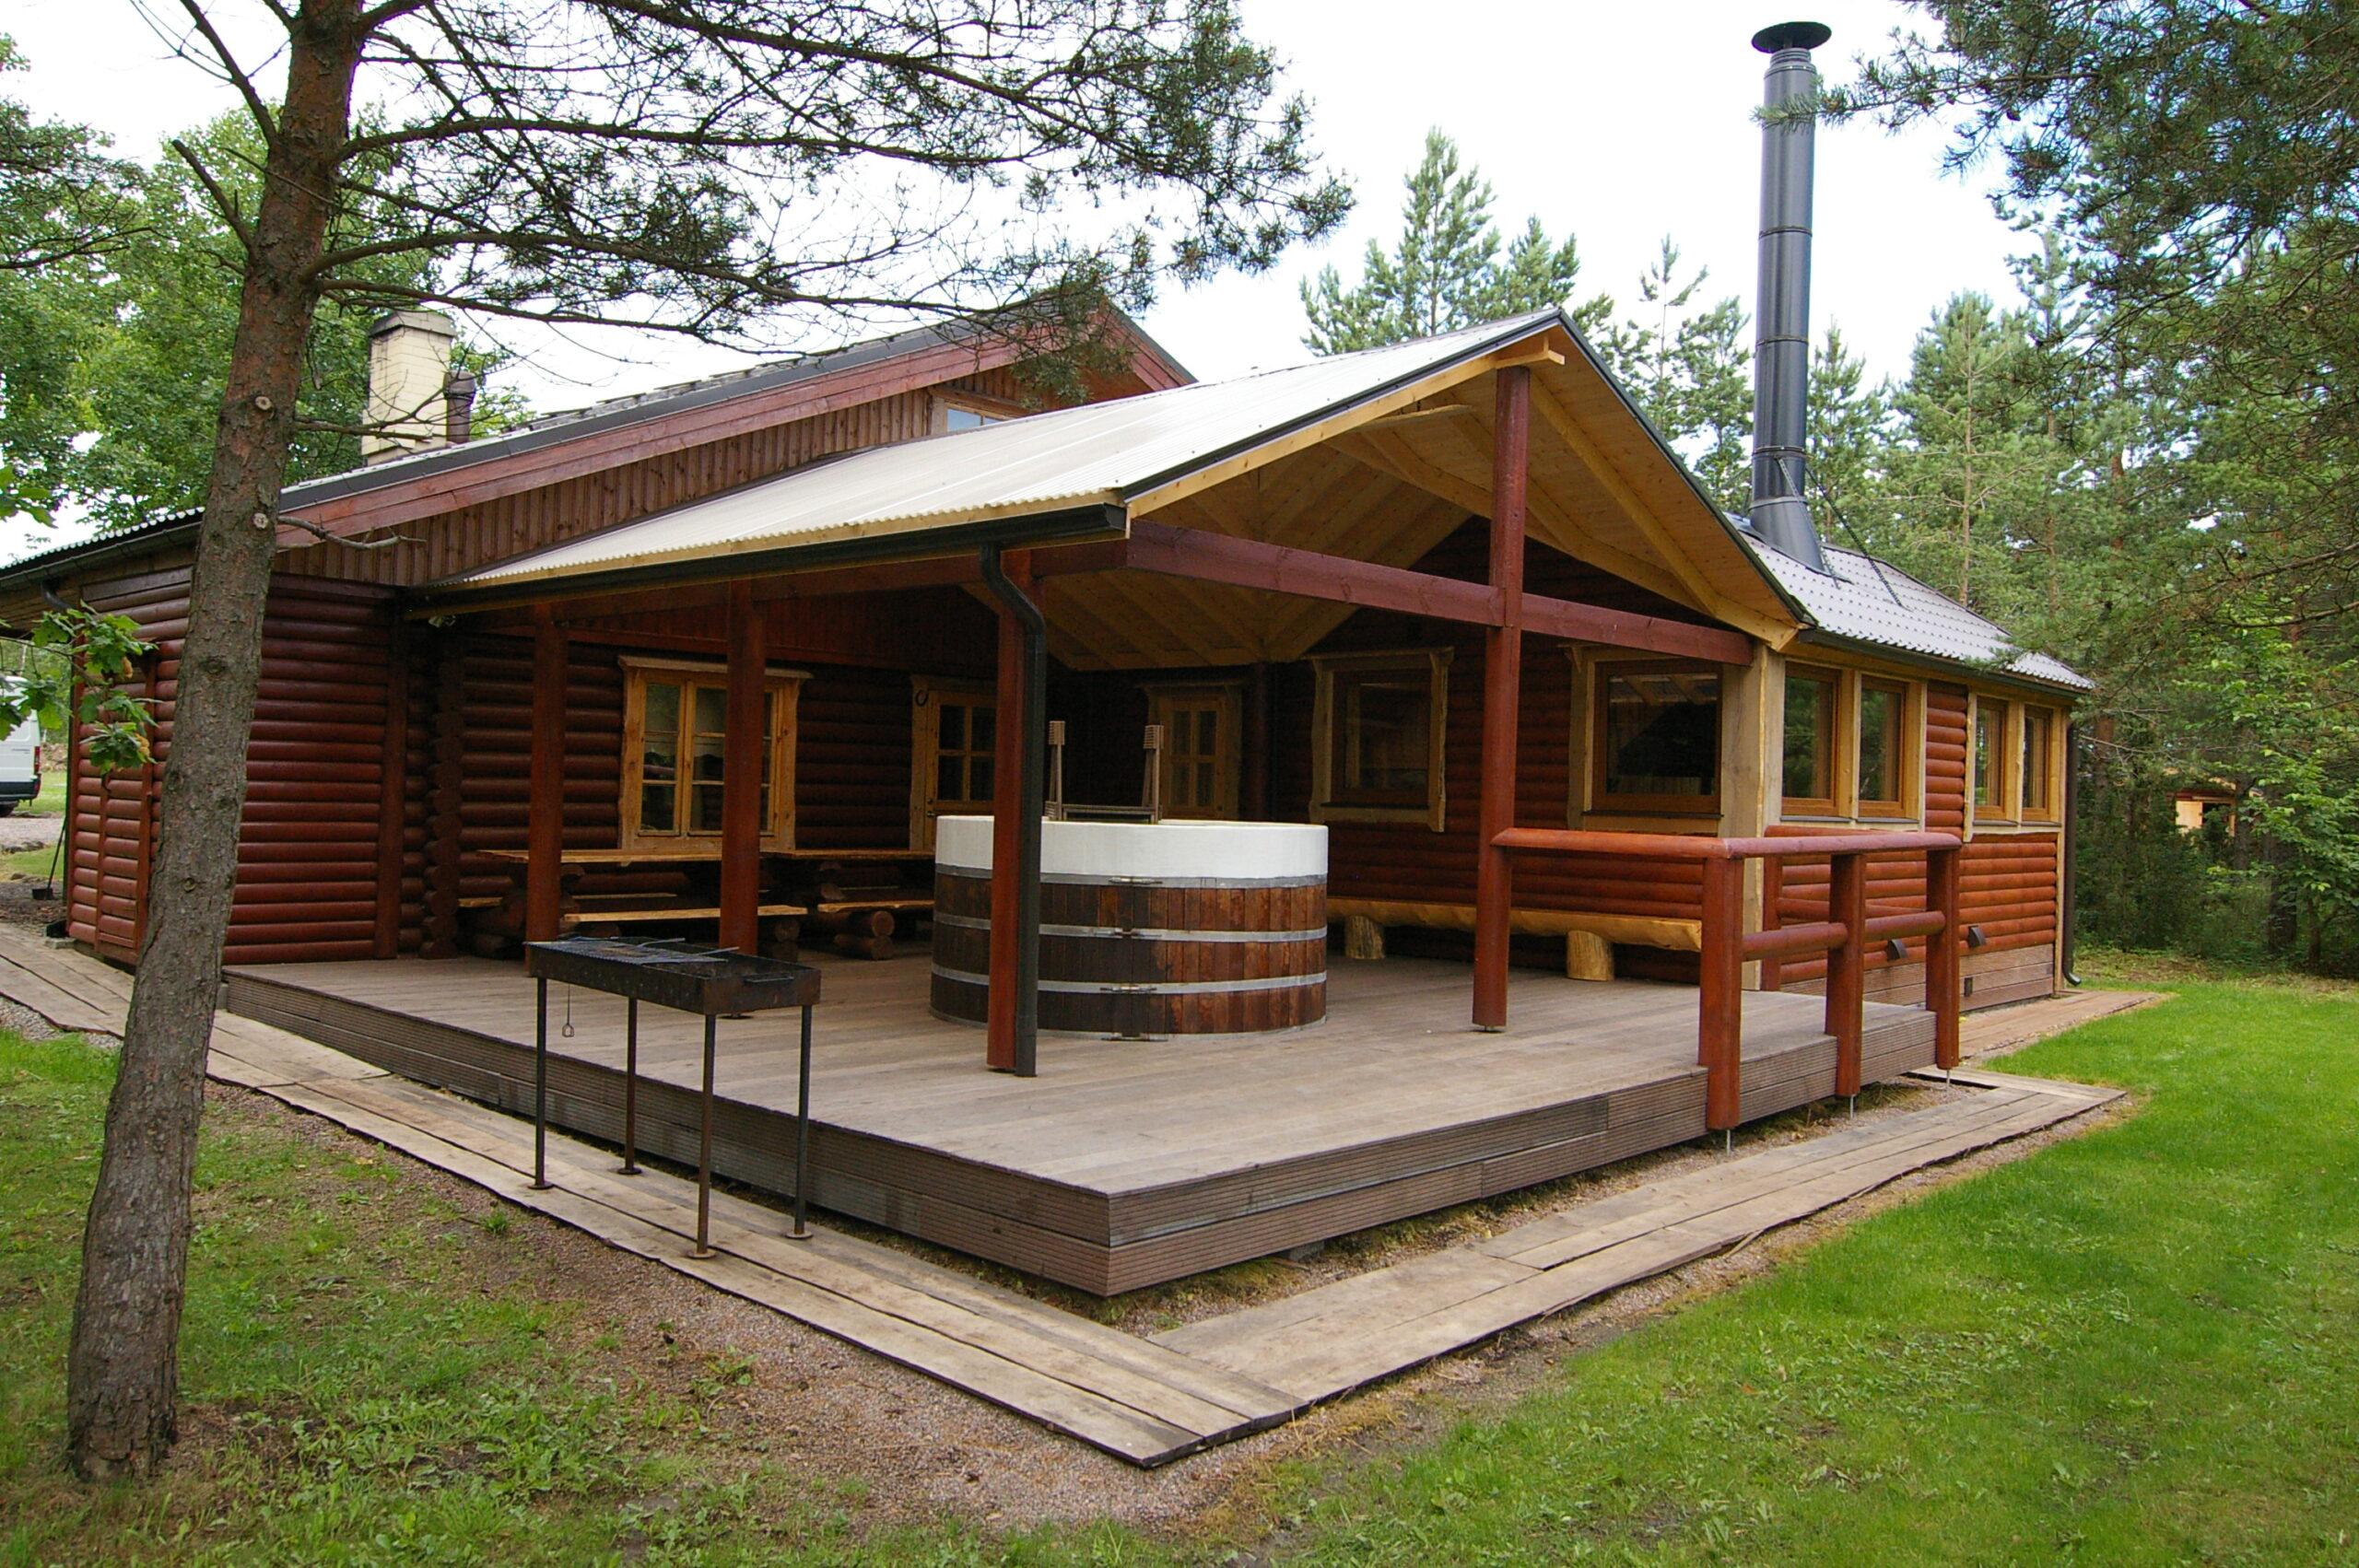 saun-saunamaailm-saunakula-jahimaja